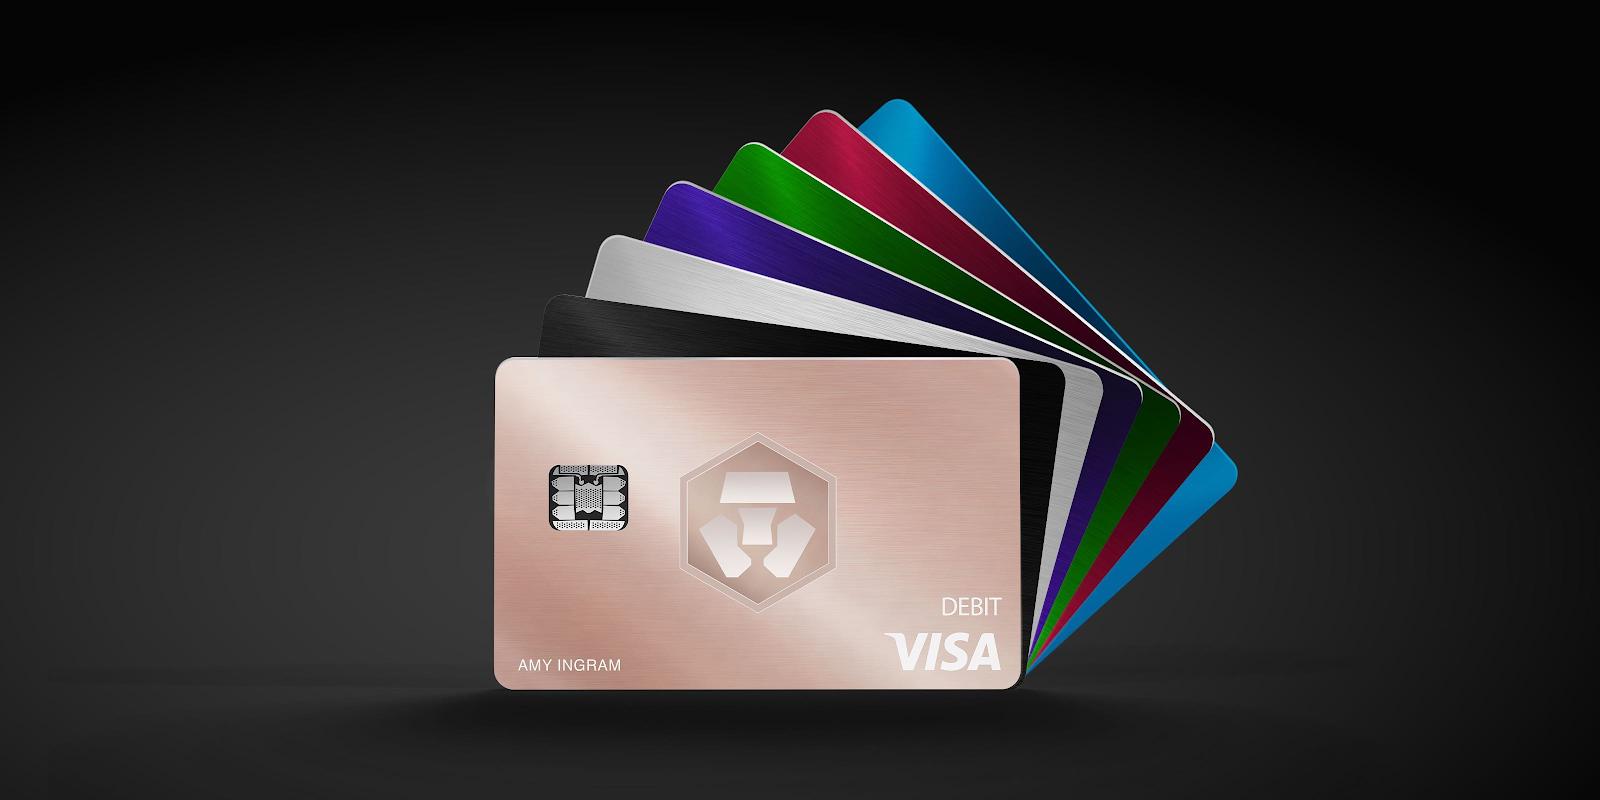 Crypto.com kártya I Cryptofalka